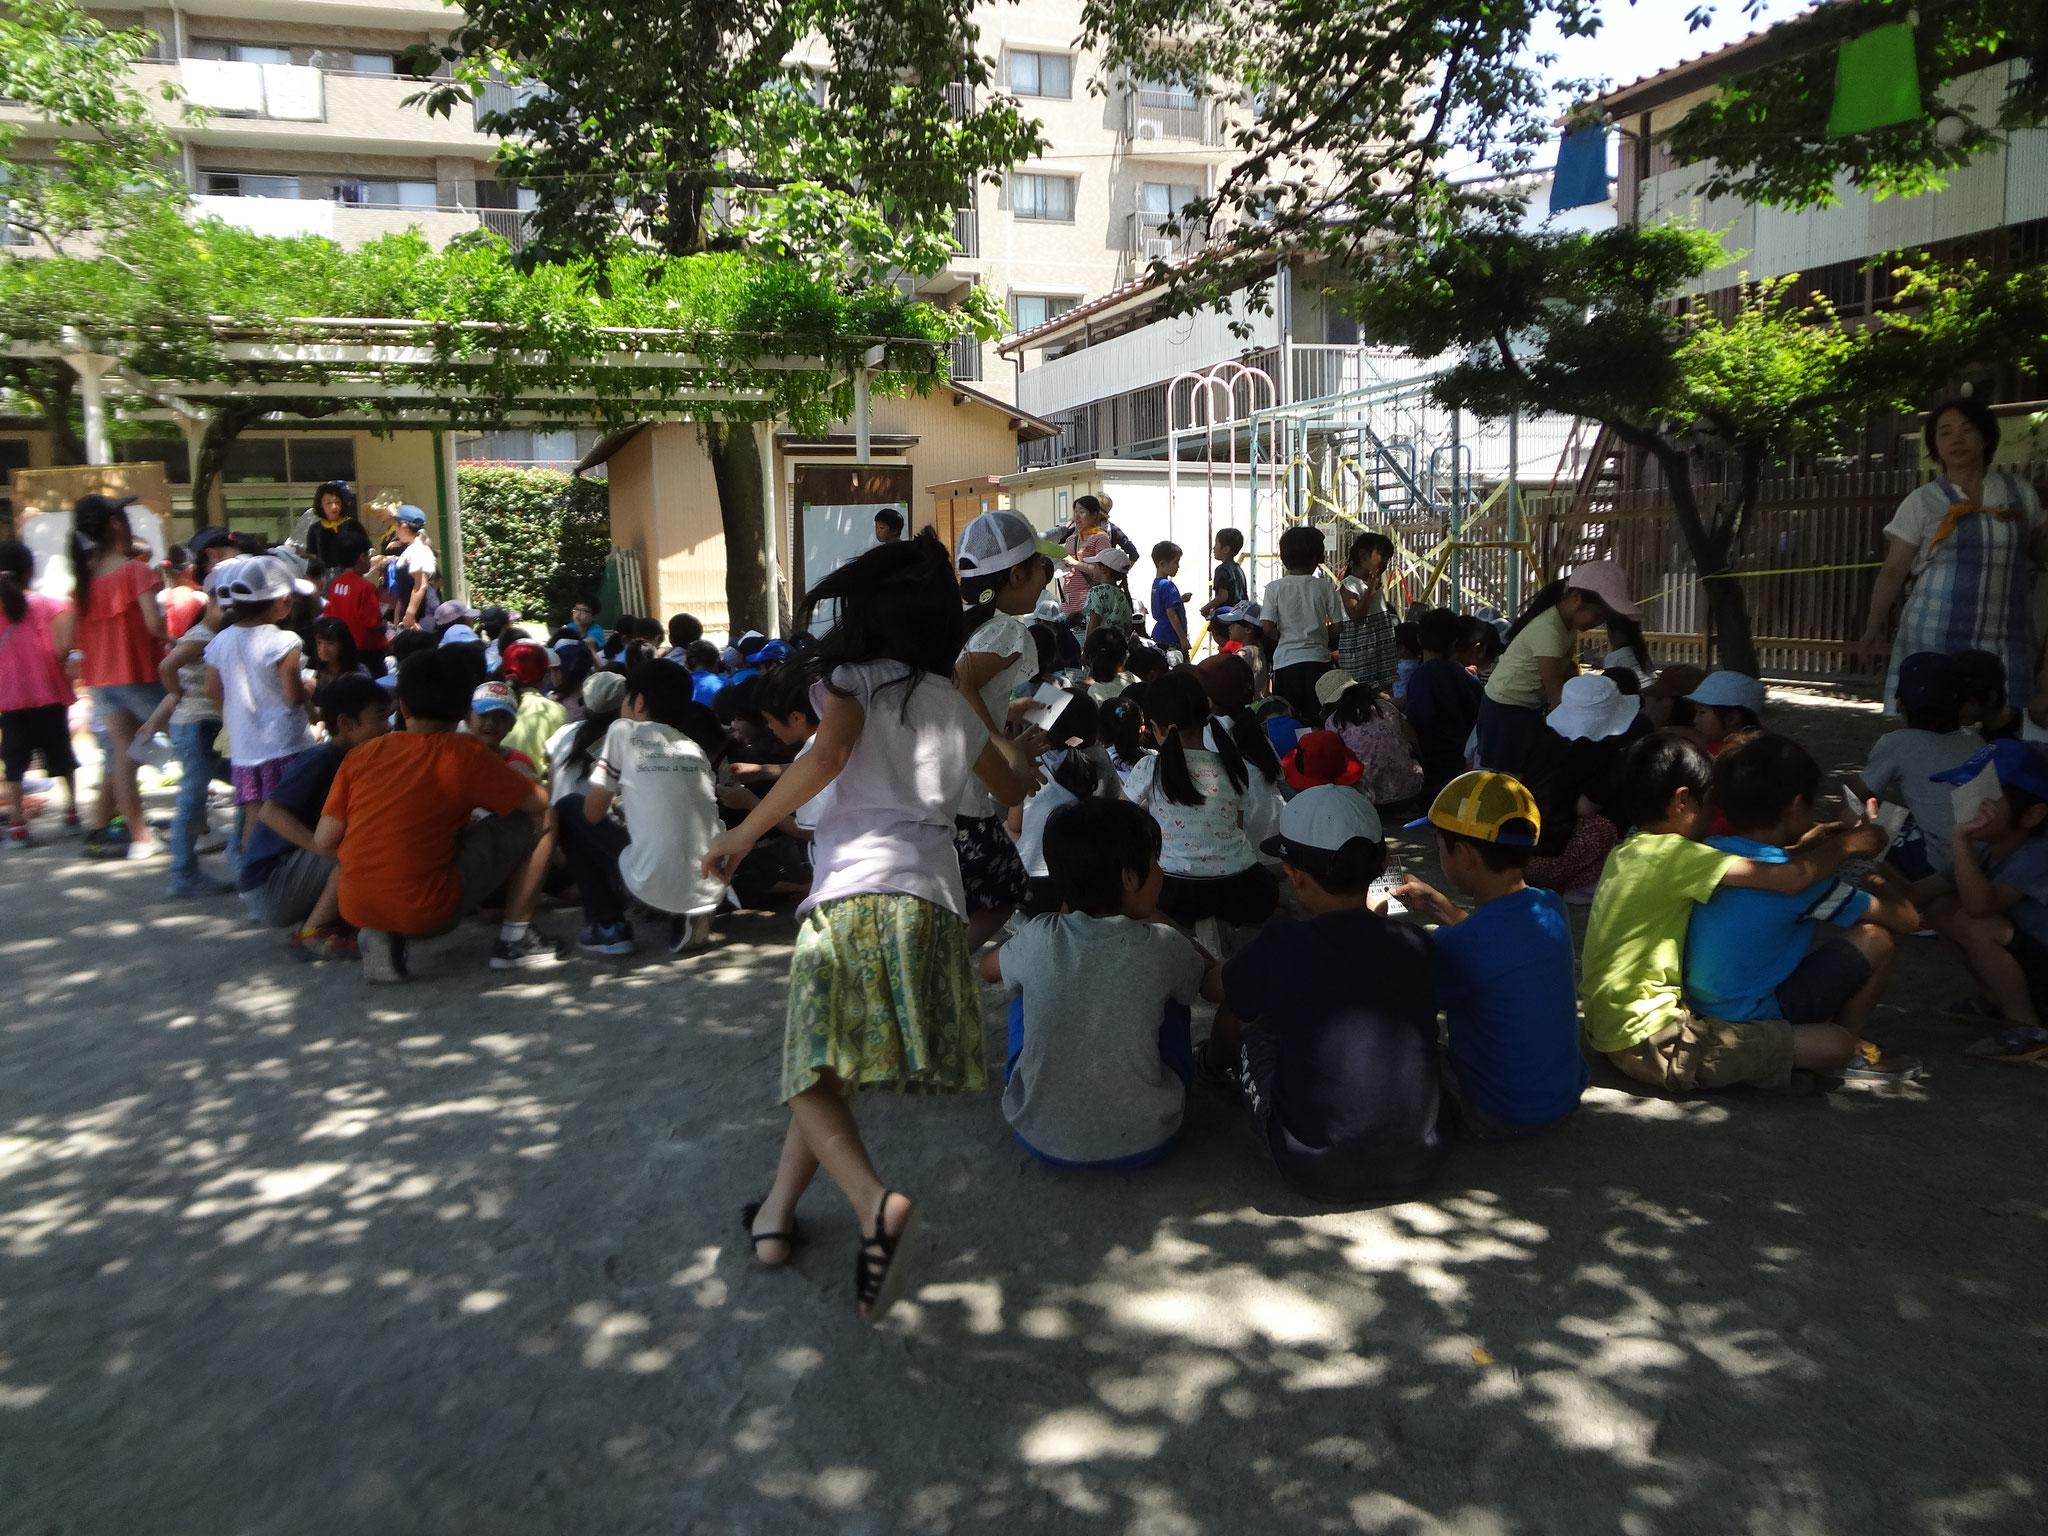 午後はビンゴ大会でした。お手伝いの子どもたちが数字の読み上げなどに参加しています。